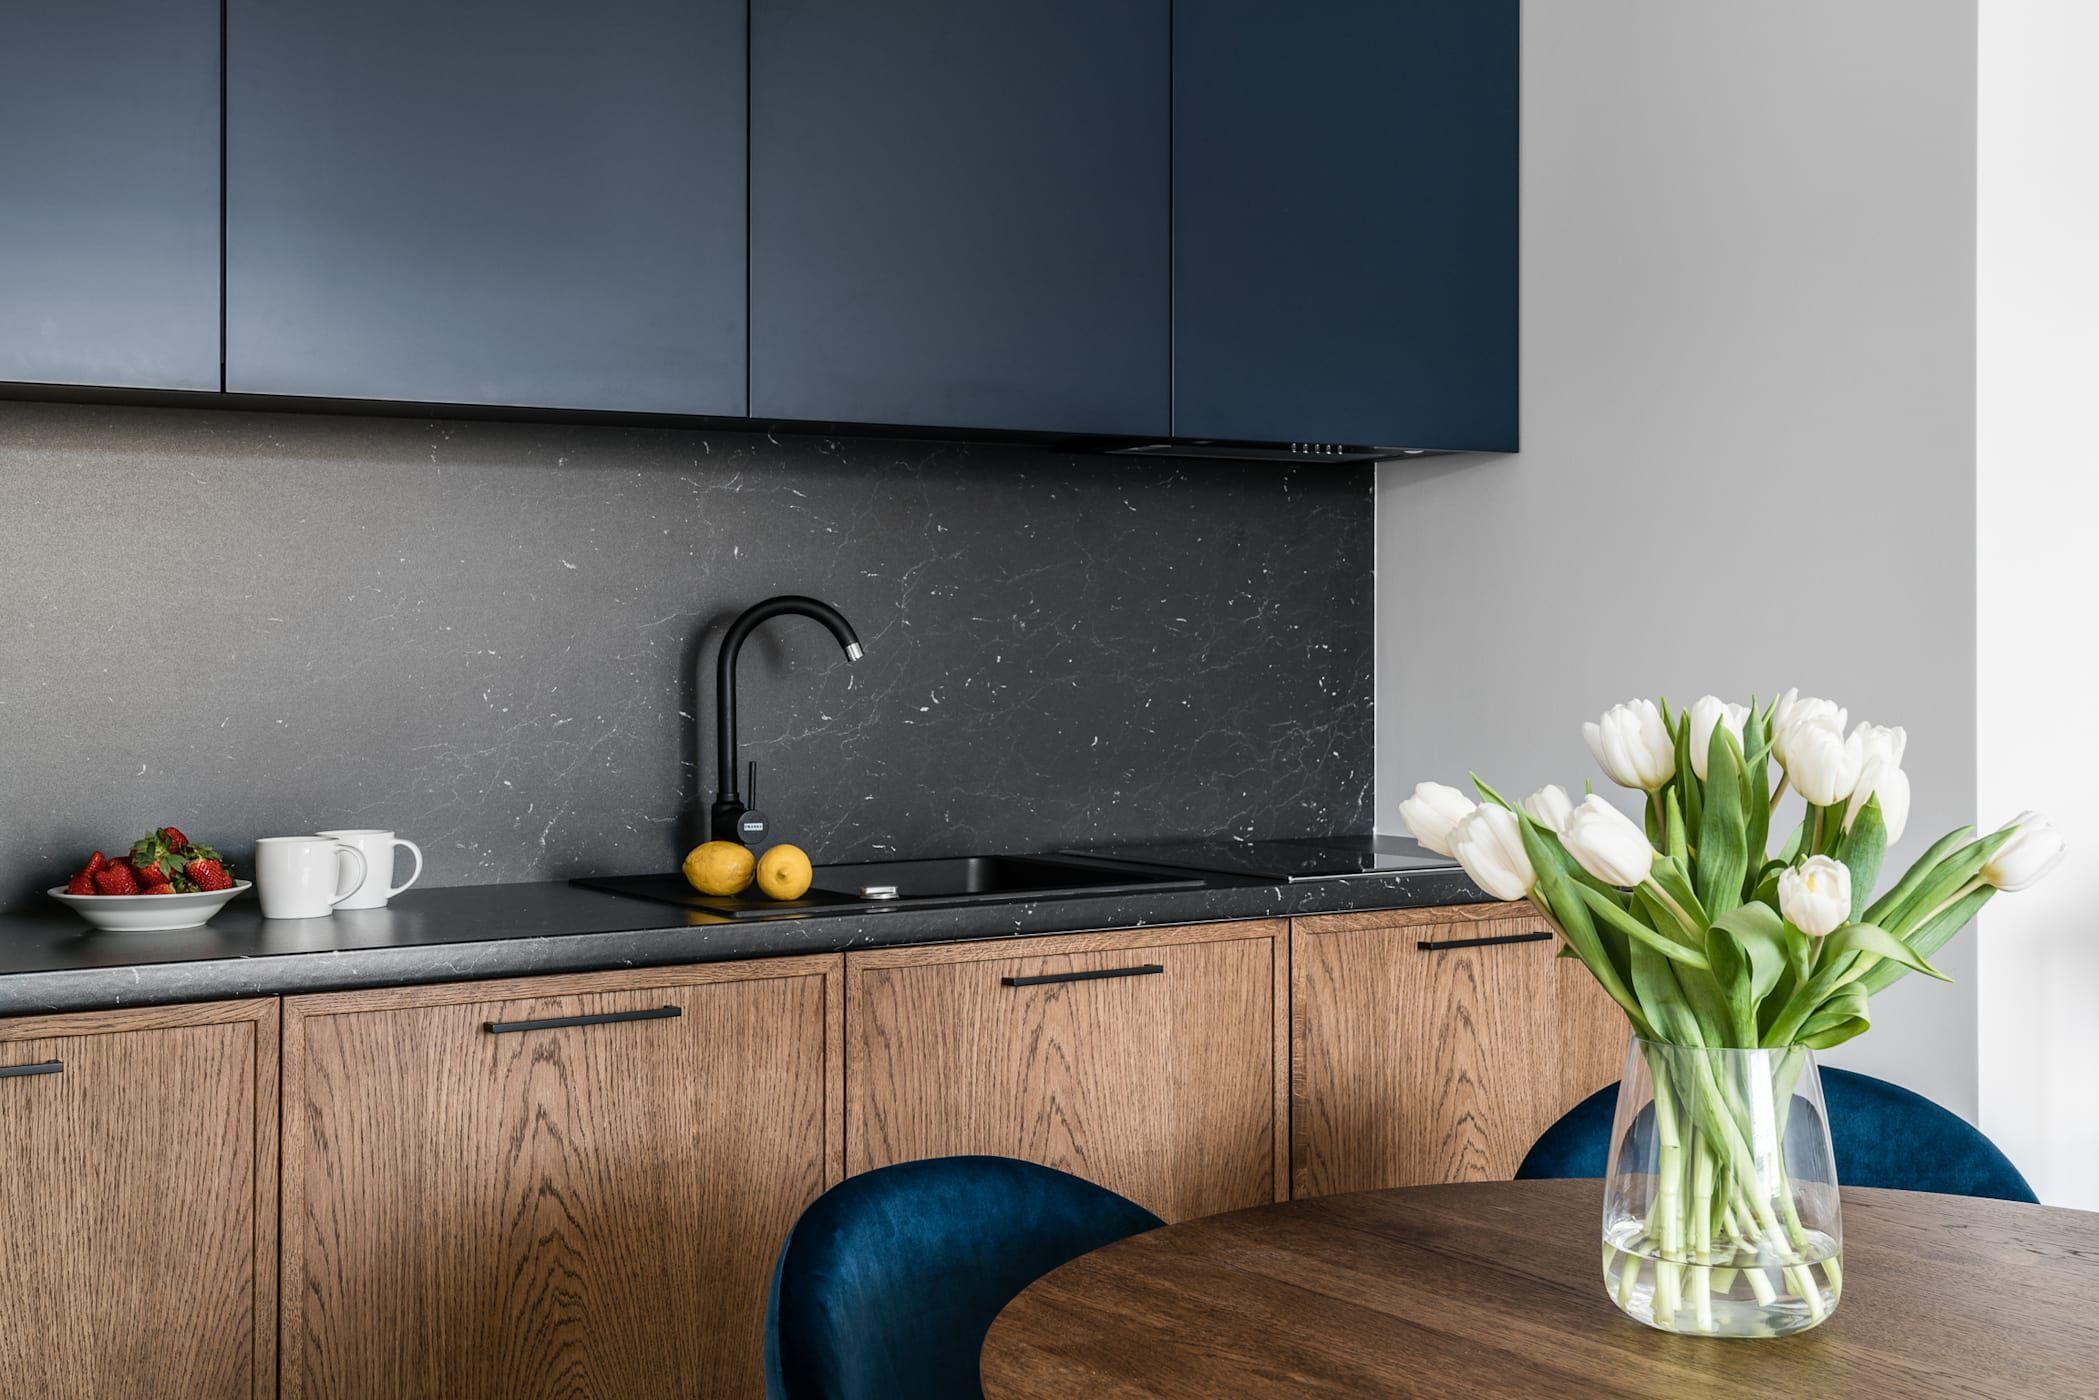 Mieszkanie Wakacyjne Tartaczna 2 Gdansk Anna Serafin Architektura Wnetrz Eklektyczna Kuchnia Homify Kitchen Design Kitchen Cabinets Home Decor